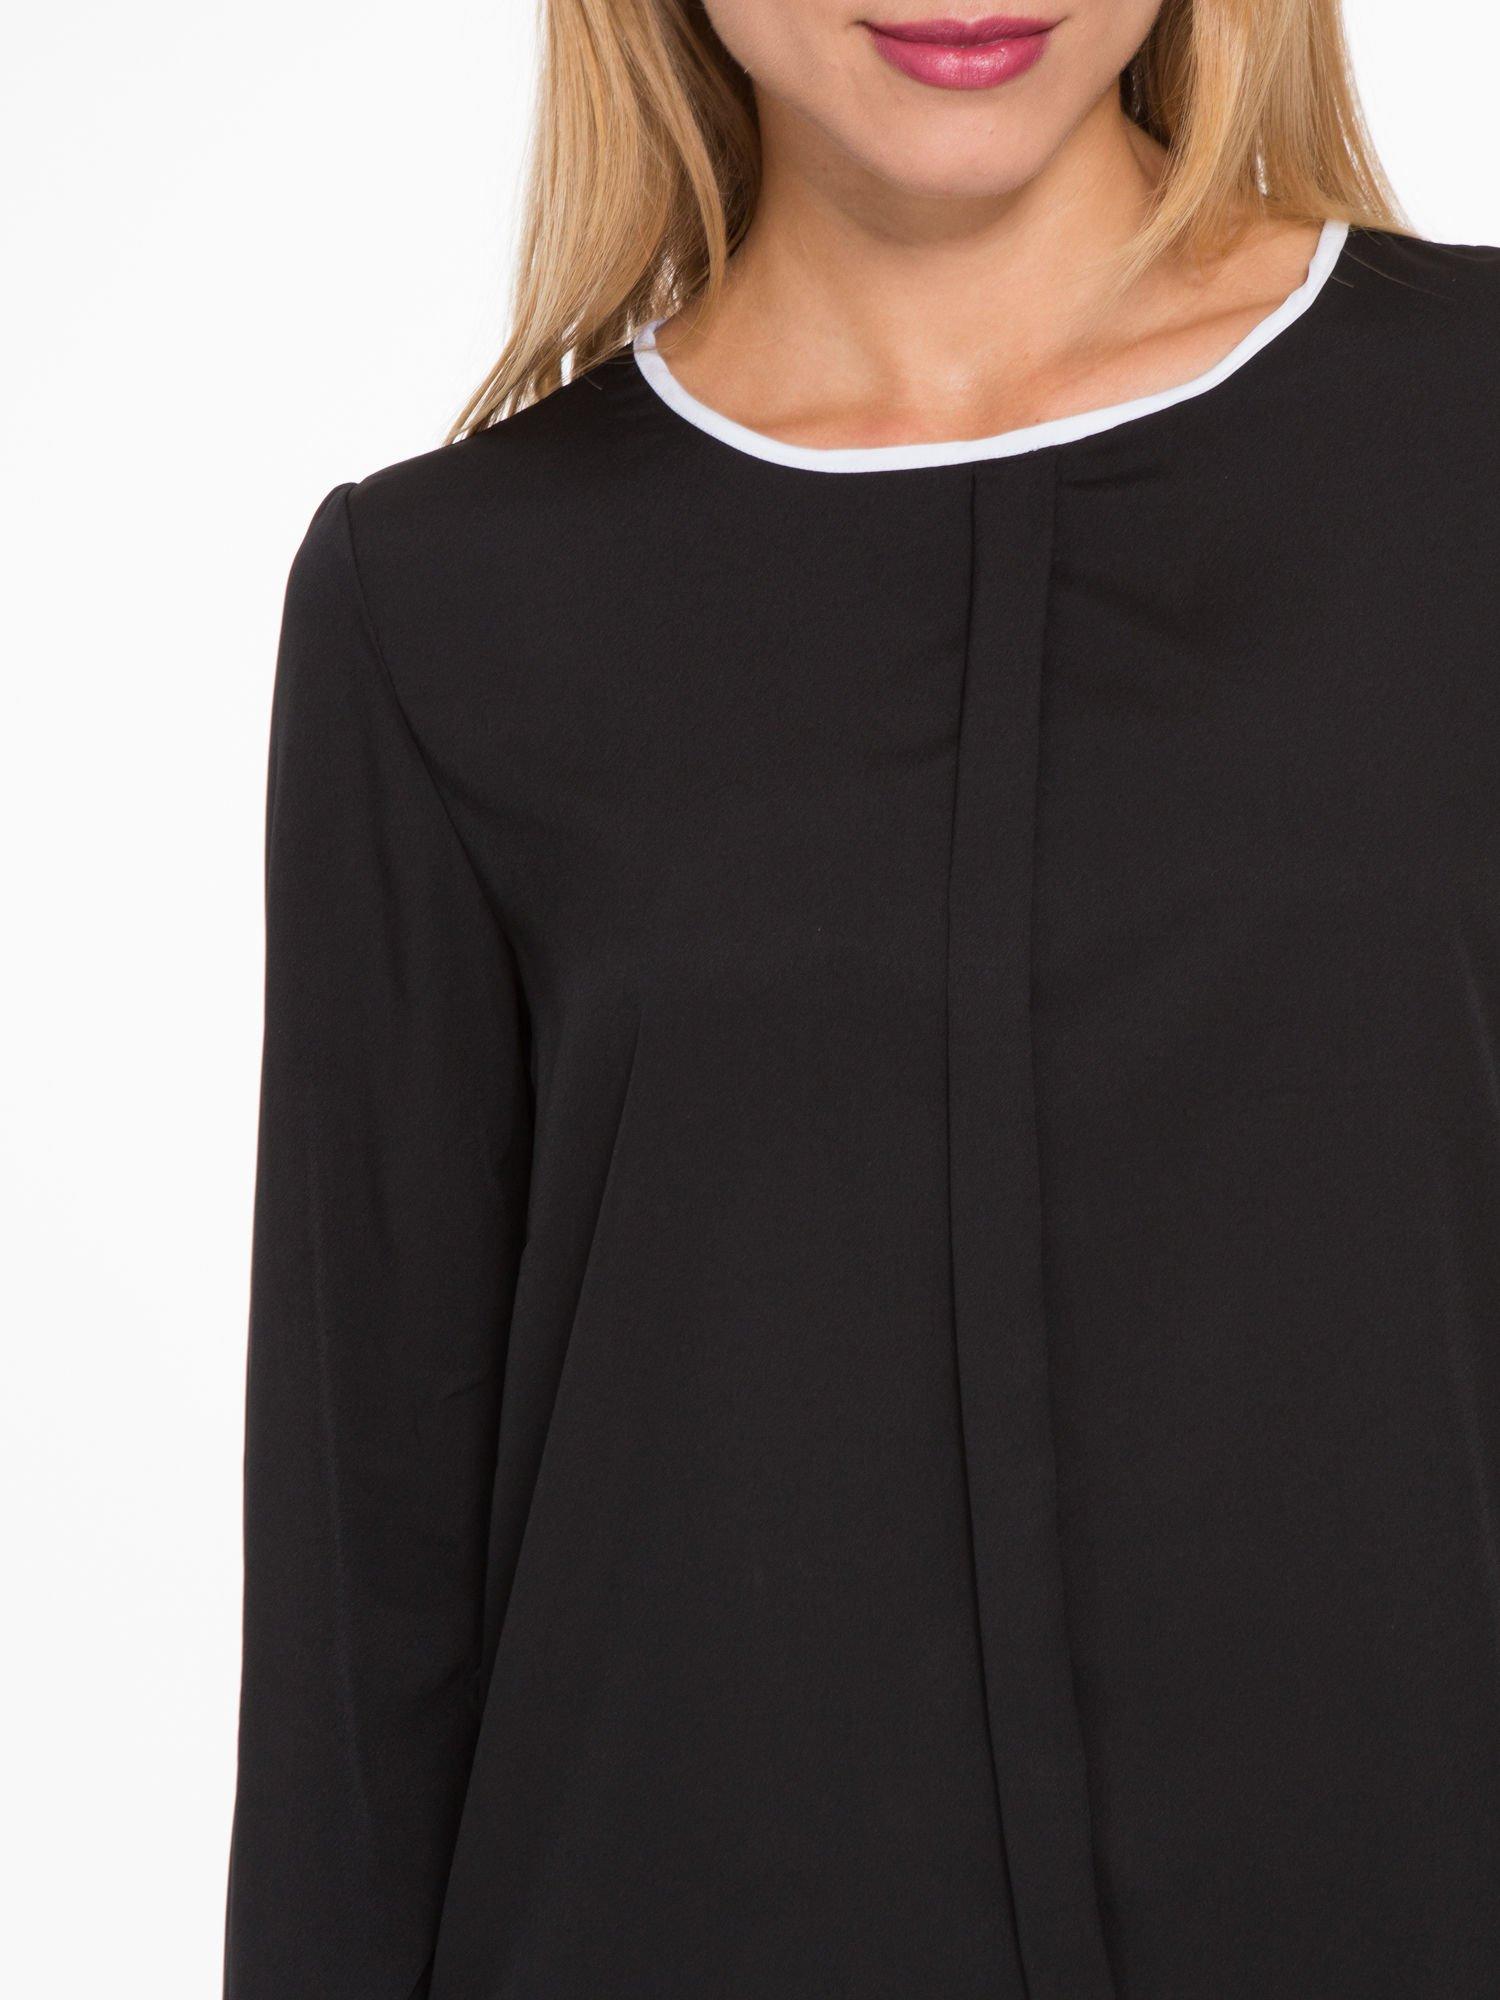 Czarna koszula z kontrastową lamówką przy dekolcie i mankietami                                  zdj.                                  7